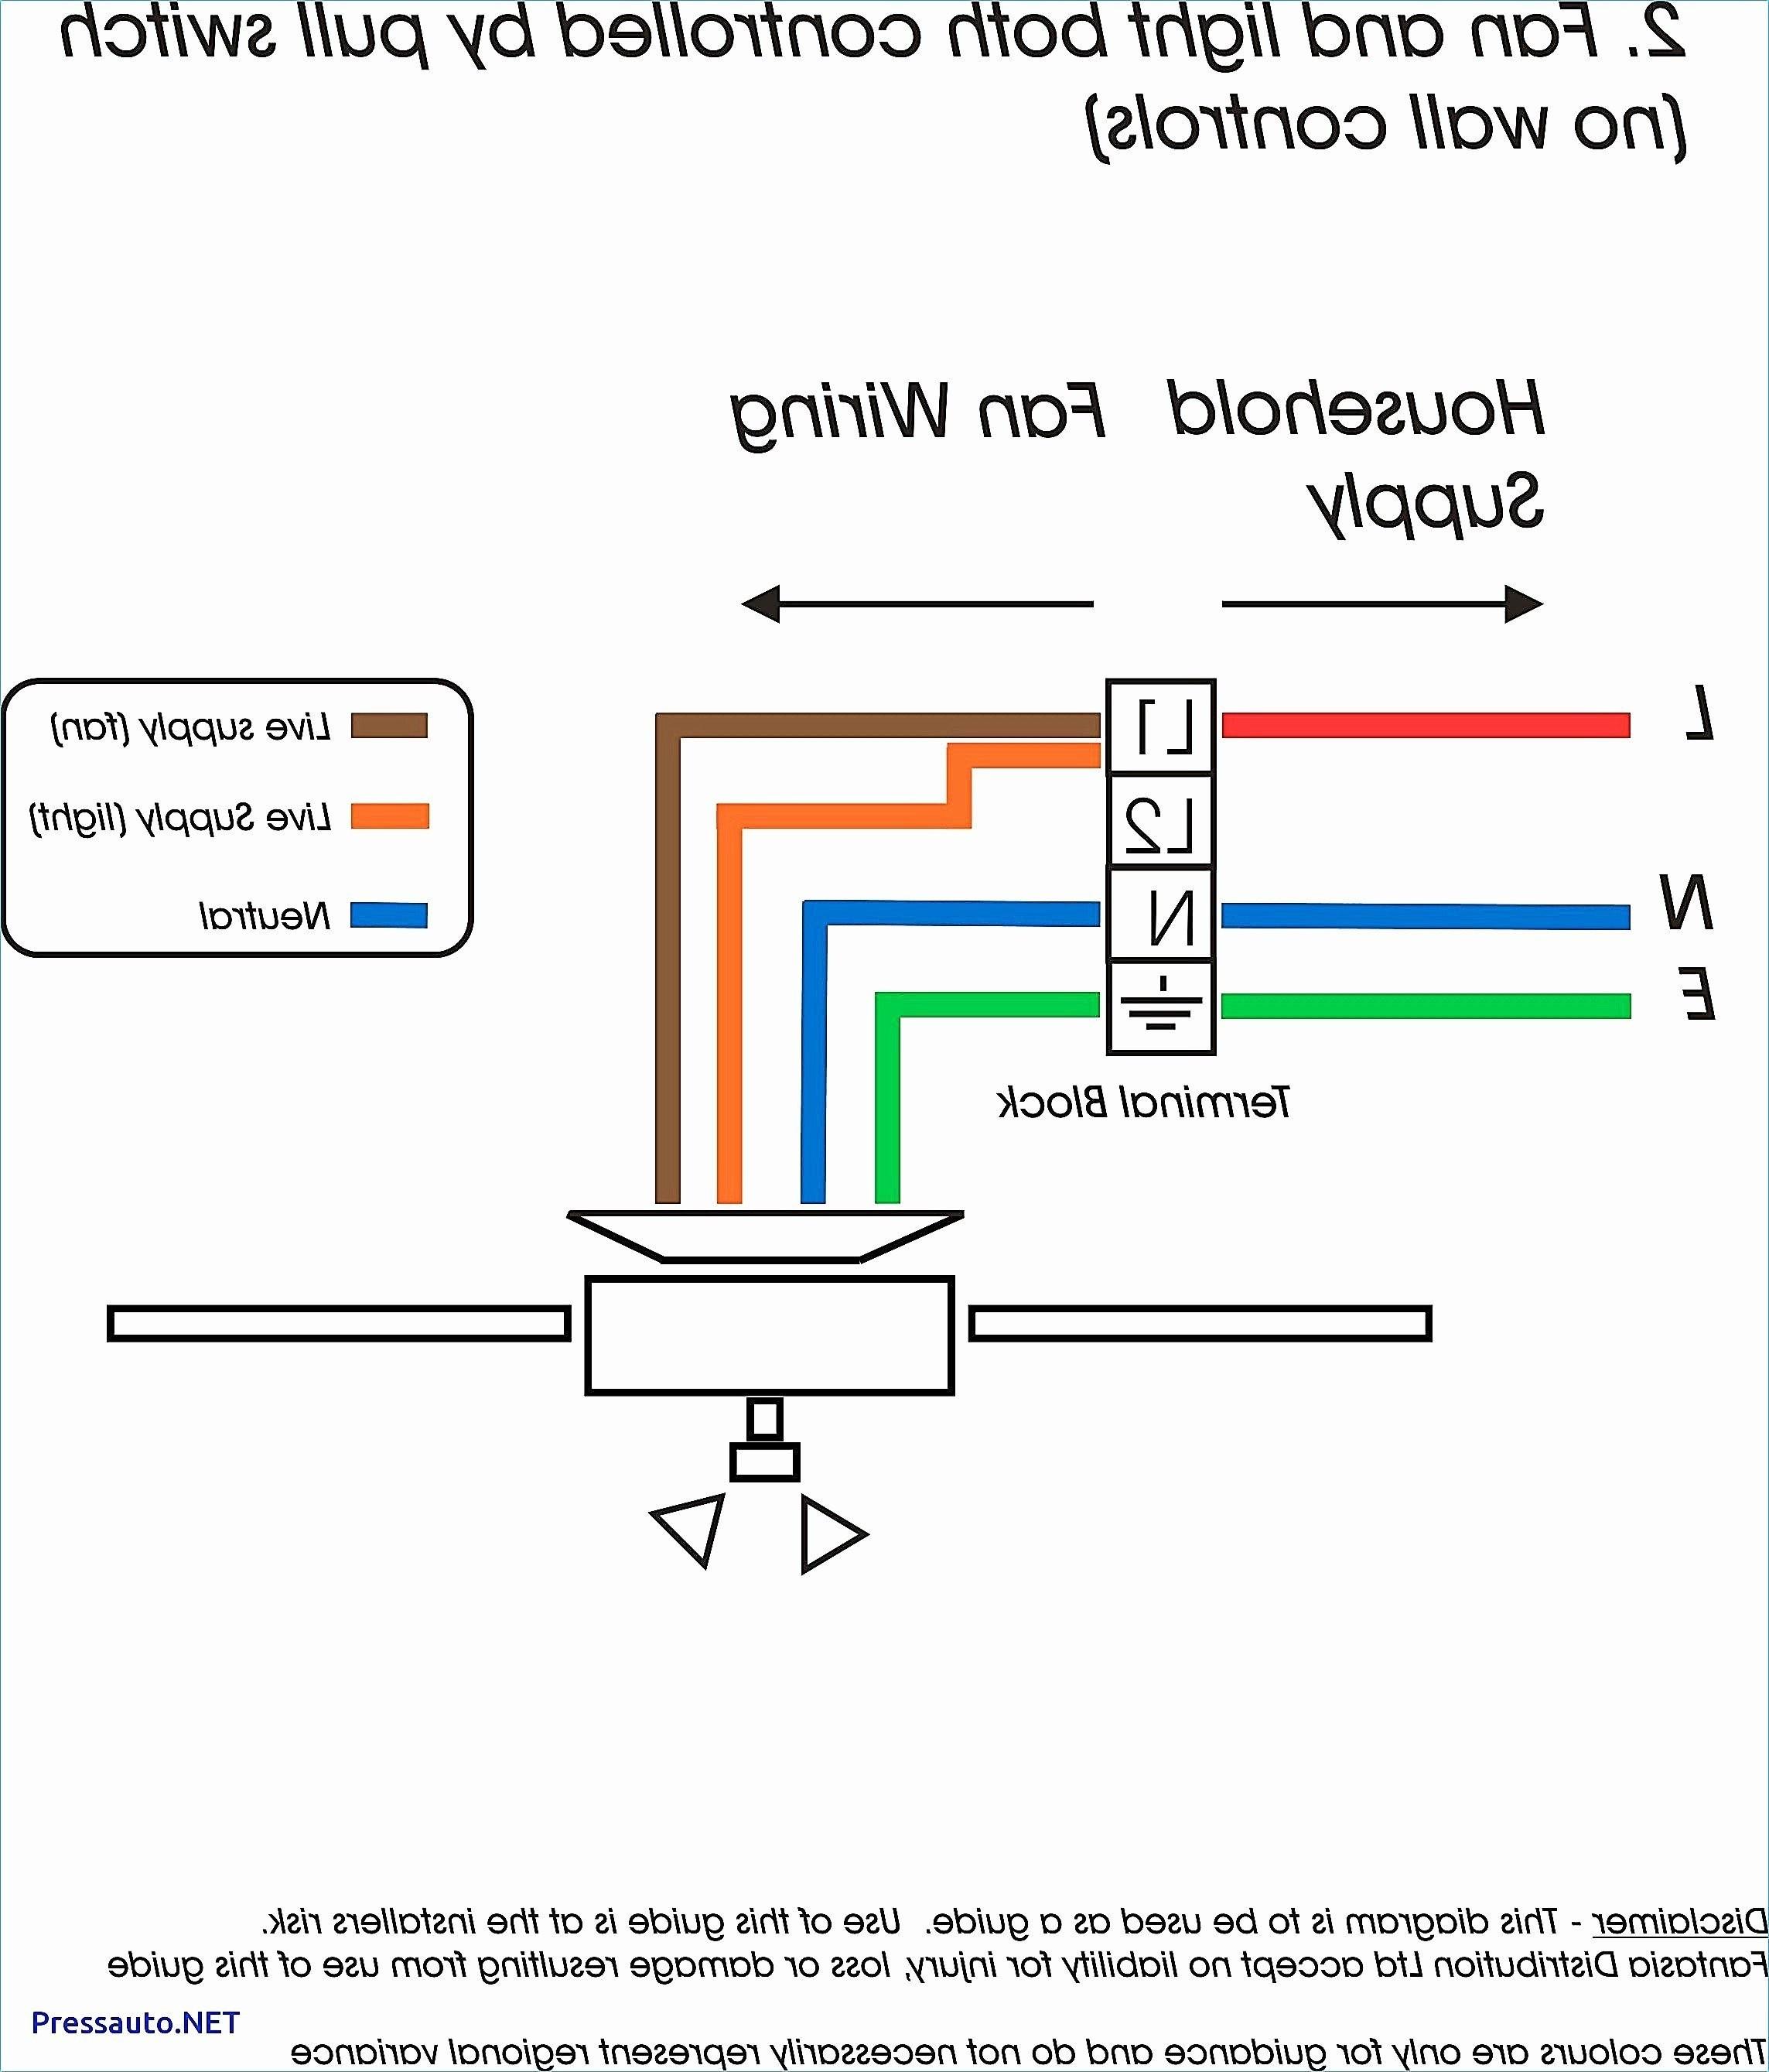 1999 Kia Sephia Engine Diagram 1998 Nissan Maxima Radio Wiring Diagram Book Power Seat Wiring Of 1999 Kia Sephia Engine Diagram